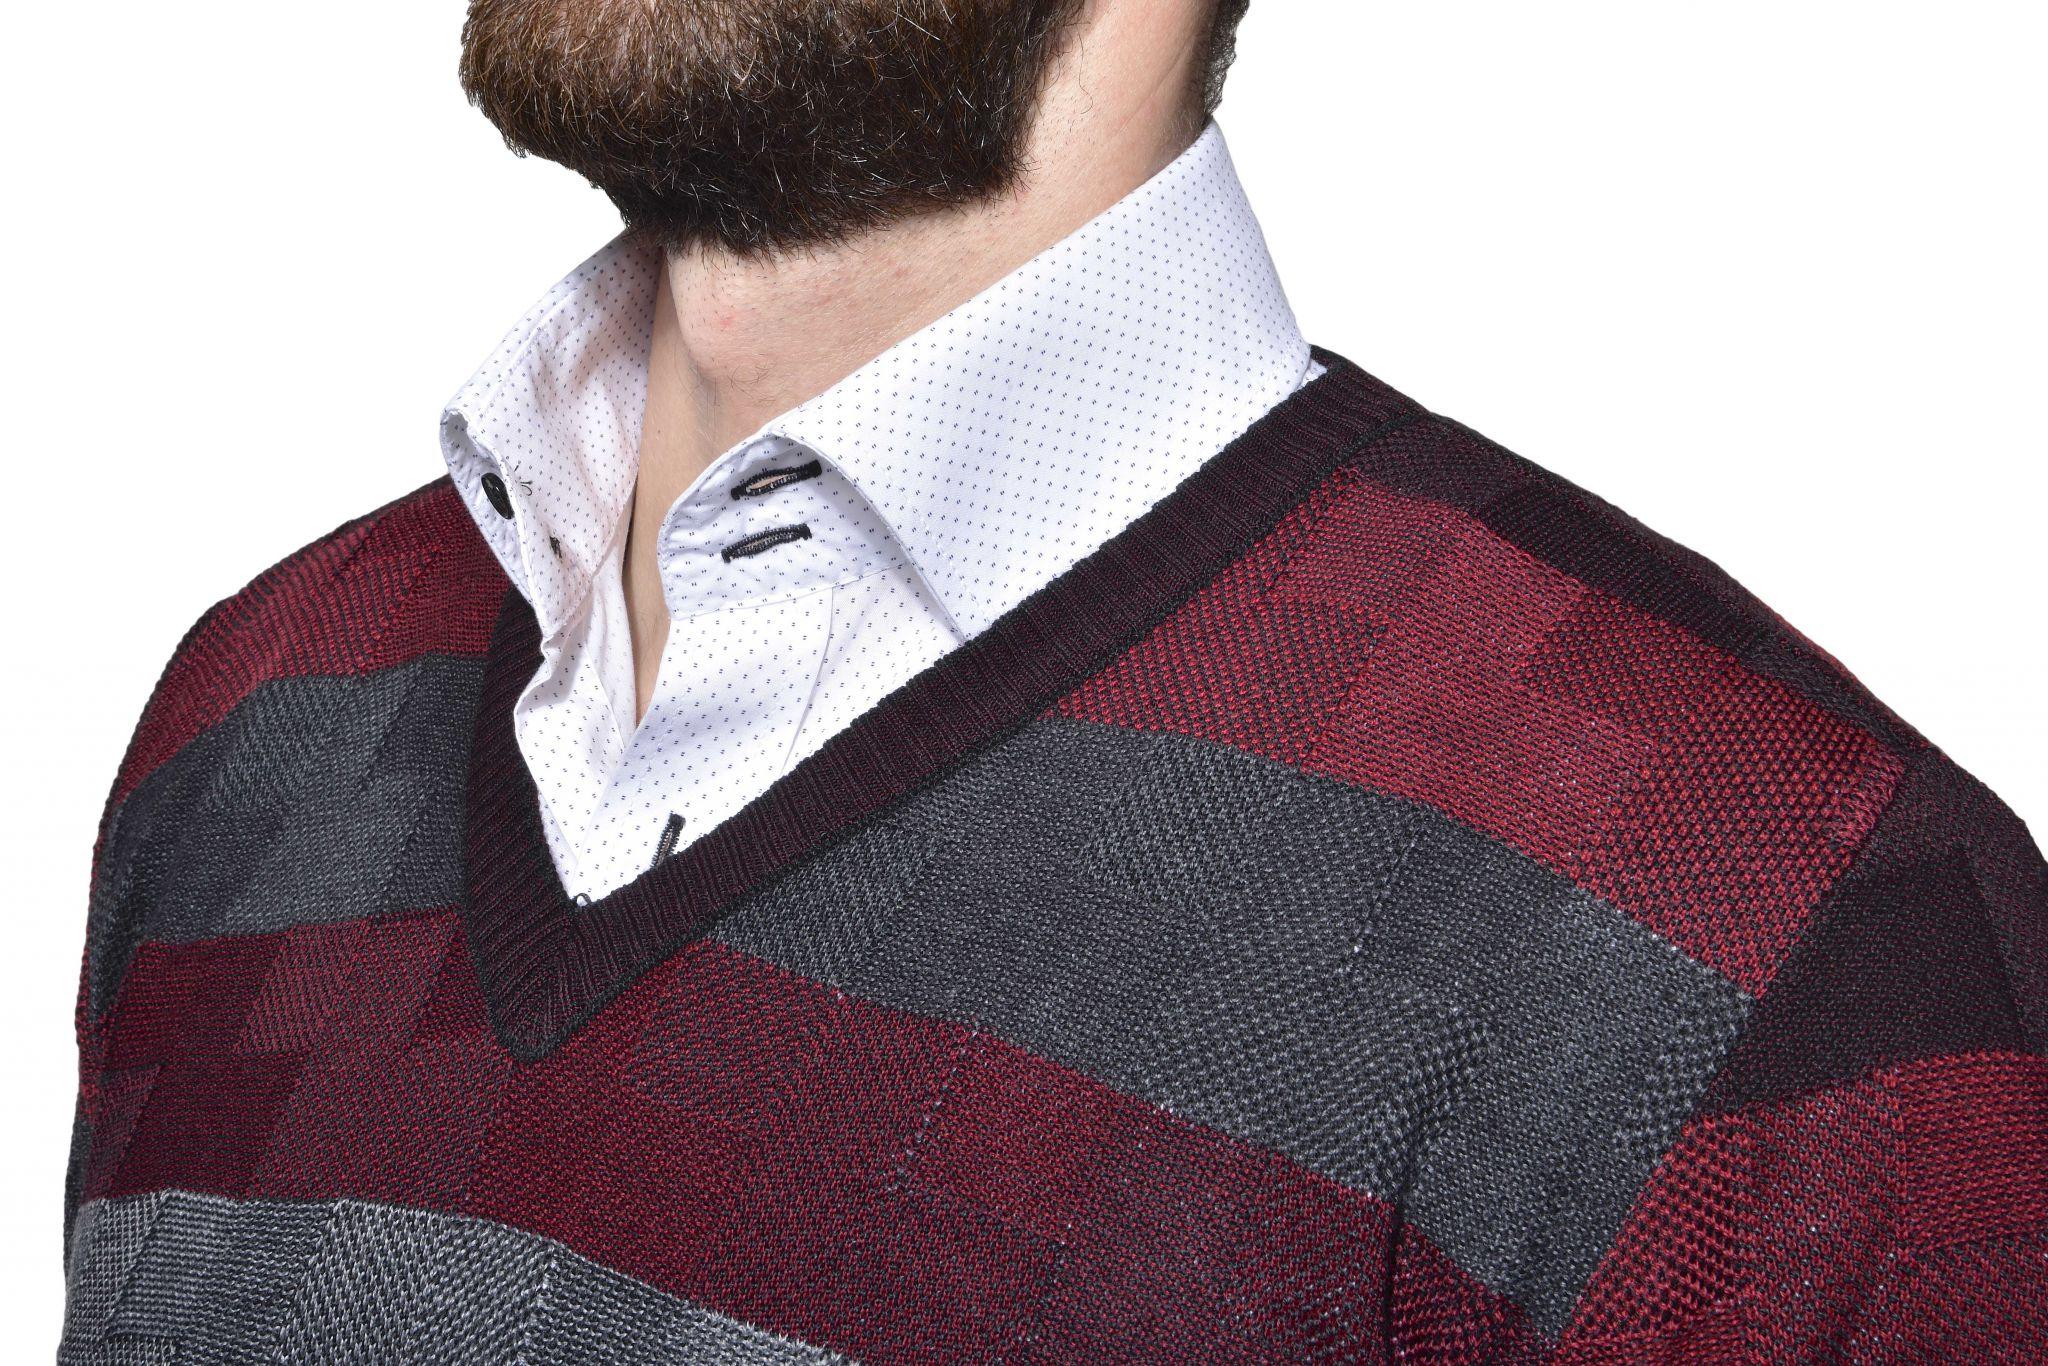 Károvaný vlnený pulóver - Pulovry a svetry - E-shop  9414d3bb600